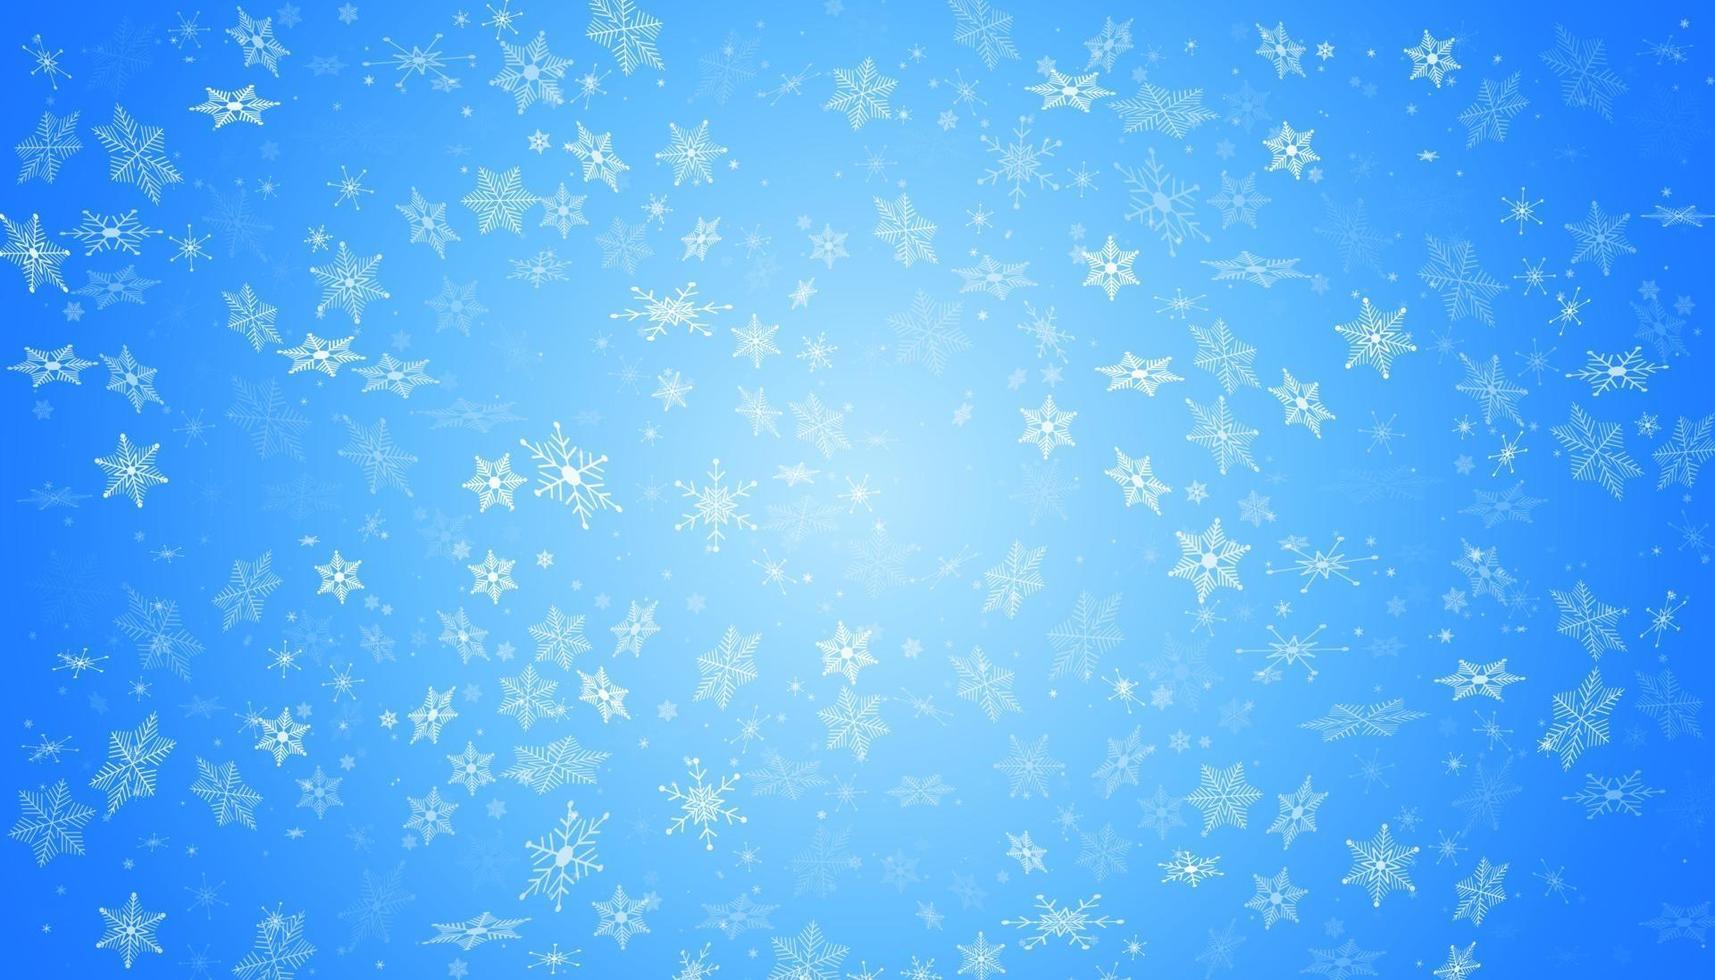 weißer Schnee fliegt auf einem blauen Hintergrund. Weihnachtsschneeflocken. Winter Schneesturm Hintergrund Illustration. vektor